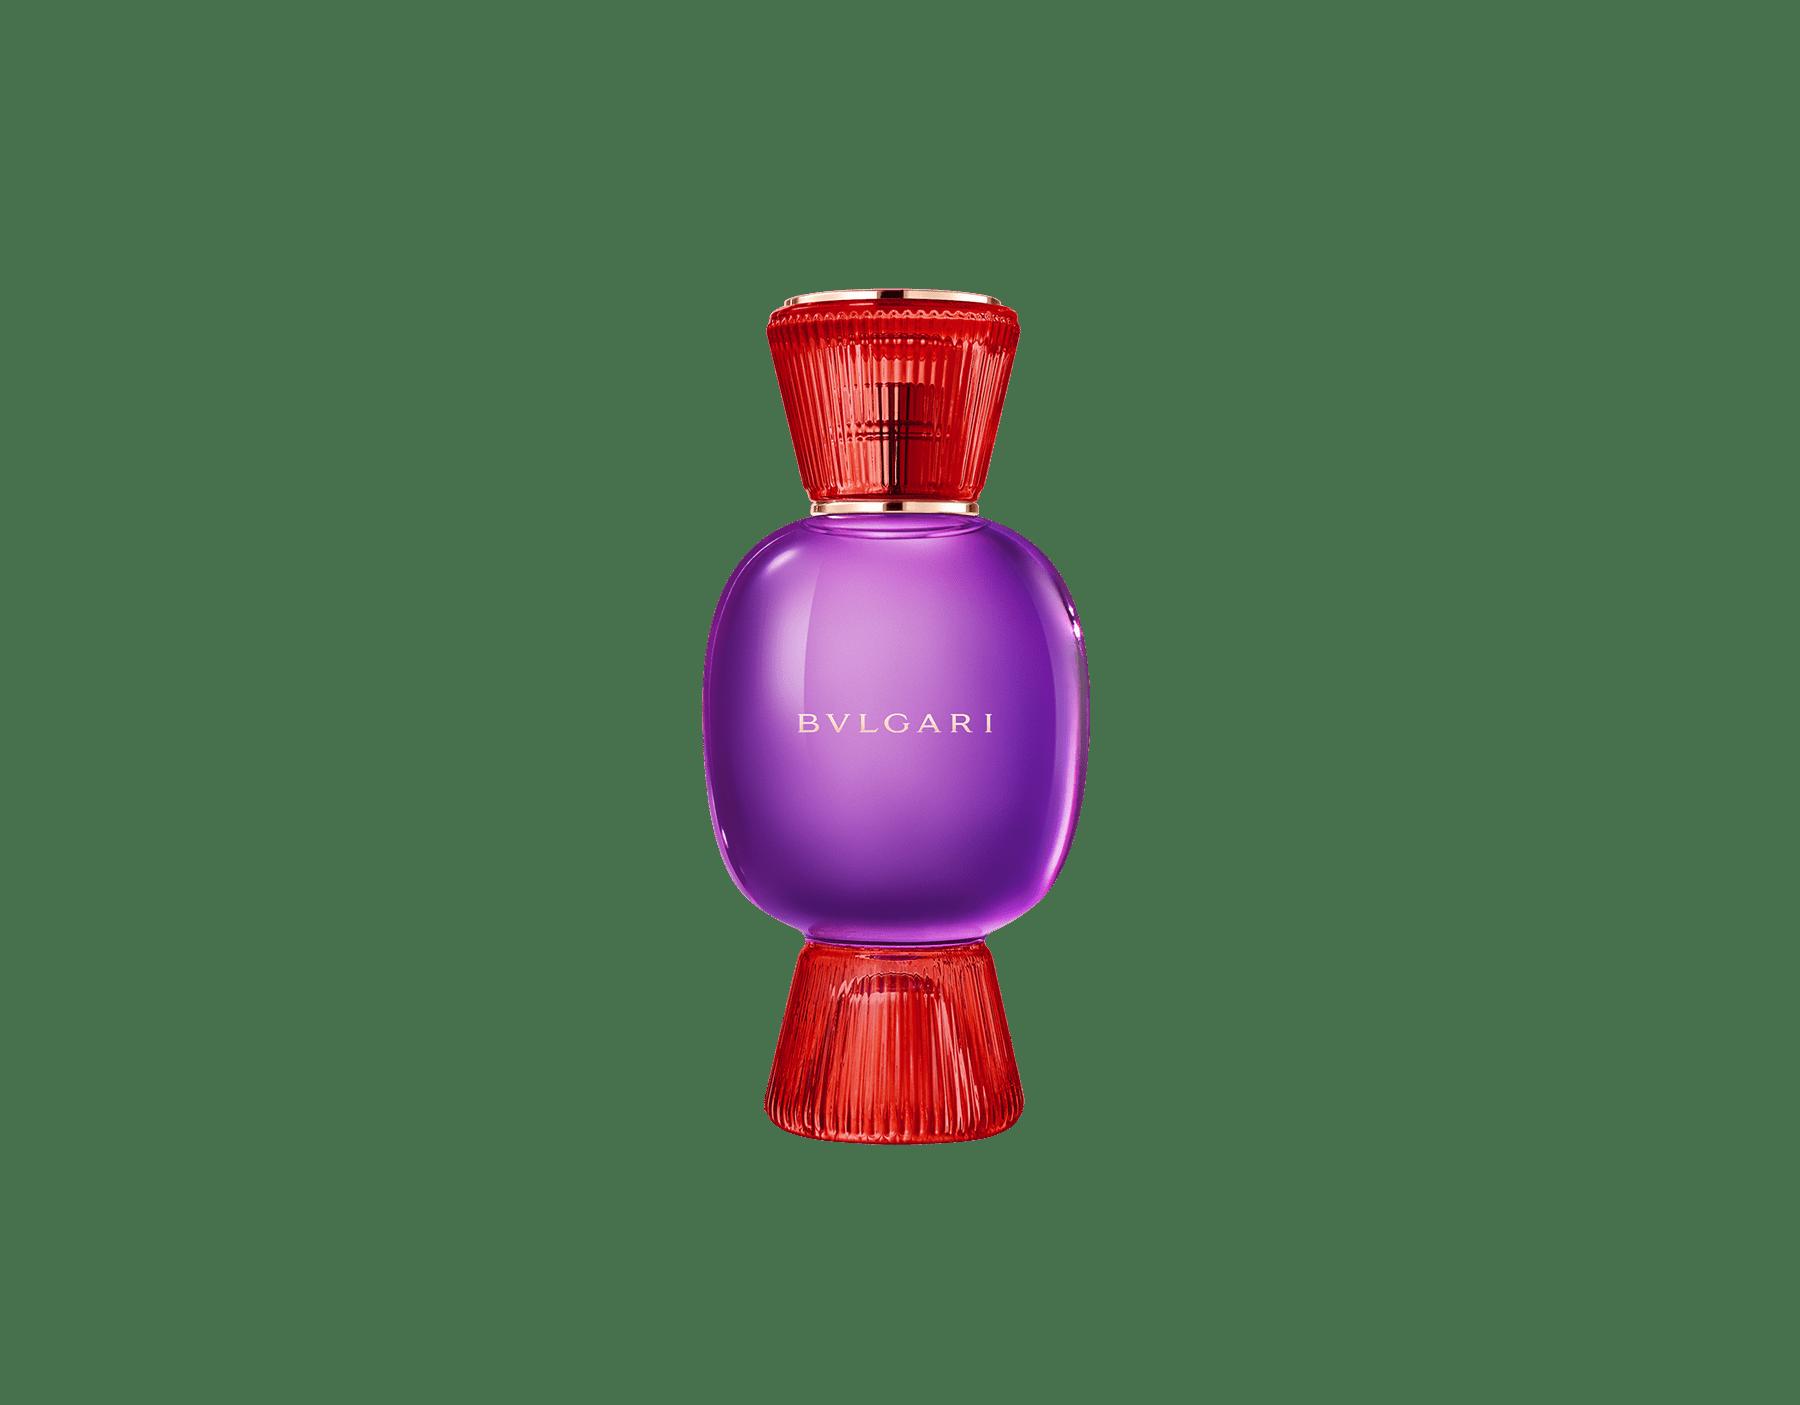 Эксклюзивный парфюмерный набор, вам под стать – такой же смелый и уникальный. В сочетании ярких шипровых нот парфюмерной воды Fantasia Veneta Allegra и соблазнительного благоухания эссенции Magnifying Vanilla рождается неотразимый женский аромат с индивидуальным характером. Perfume-Set-Fantasia-Veneta-Eau-de-Parfum-and-Vanilla-Magnifying image 2